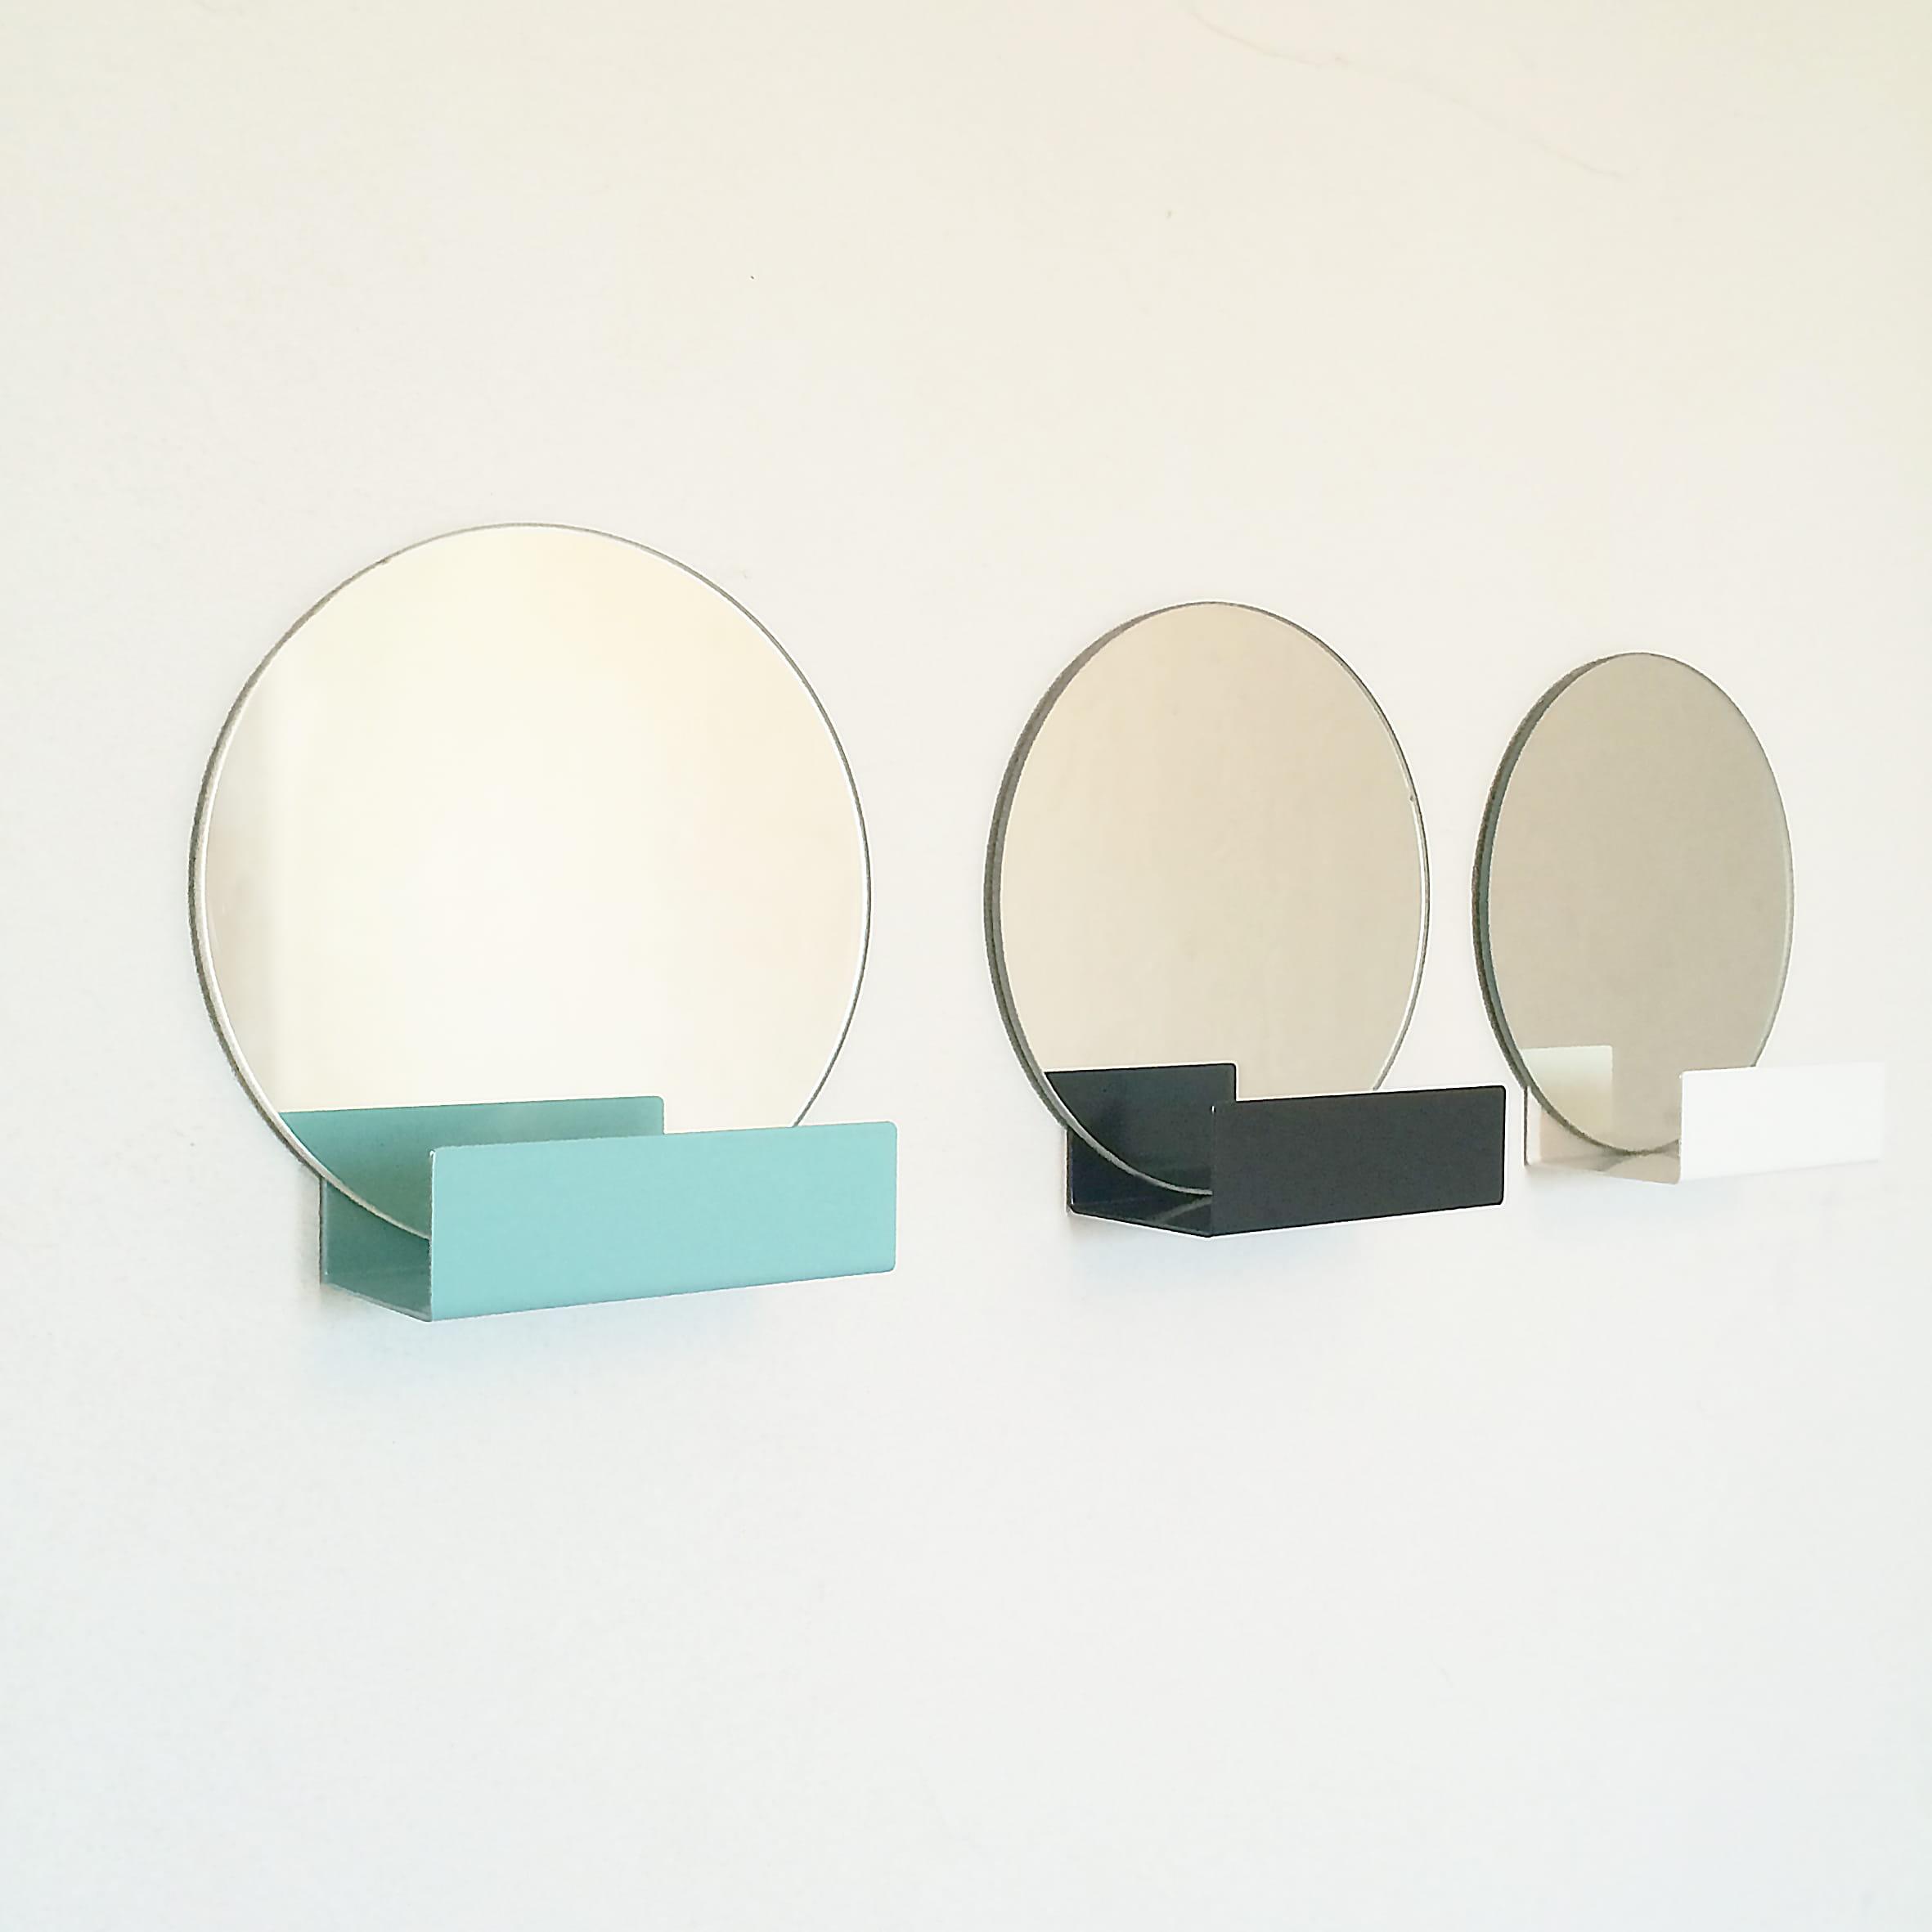 Miroir mon beau miroir d 39 an so for Beau miroir design